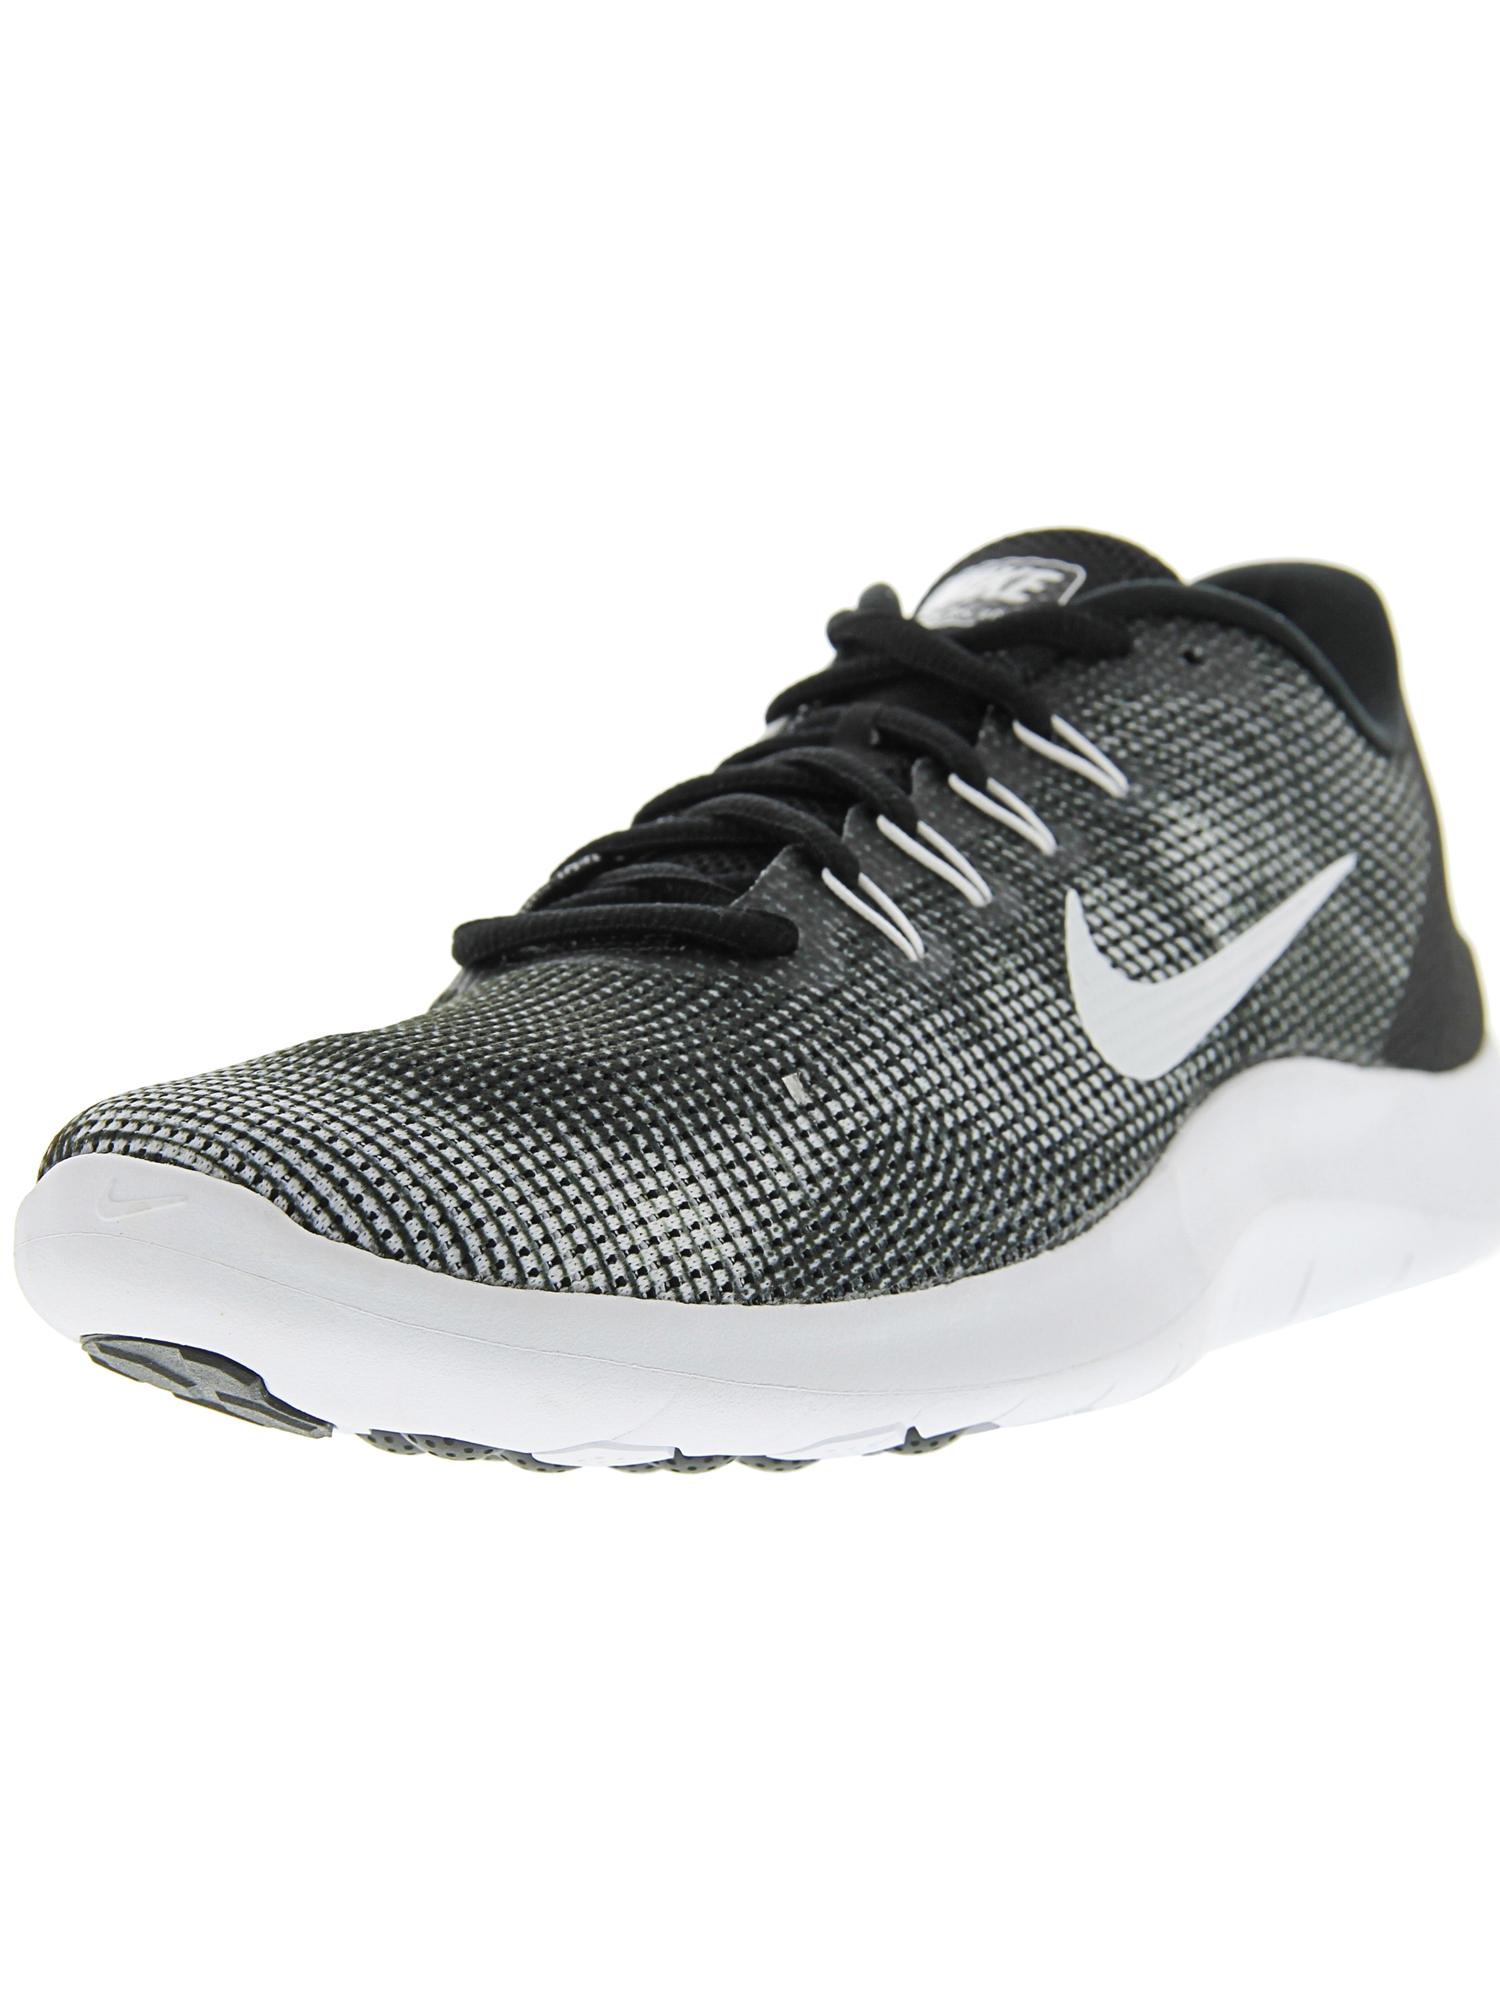 255b3ca345d6 Nike Men s Flex 2018 Rn Black   White Ankle-High Mesh Running Shoe